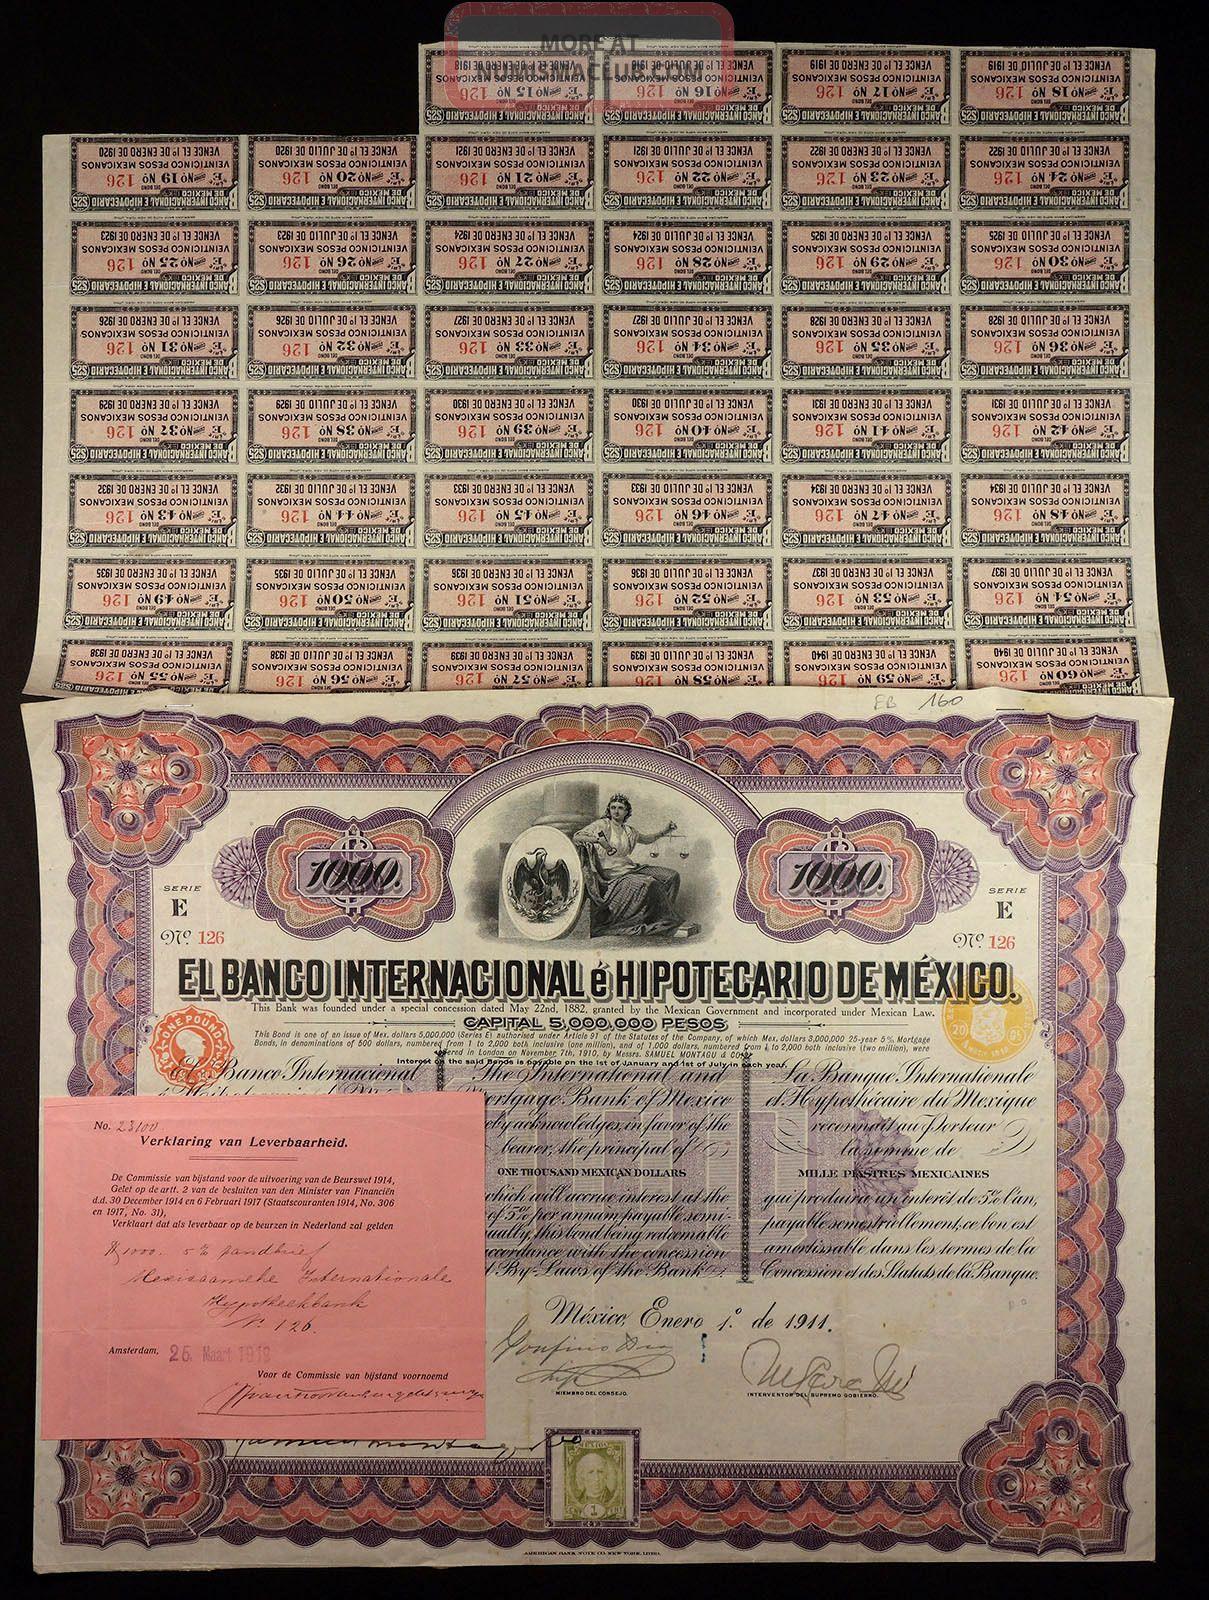 Mexico 1911 banco internacional hipotecario de m xico for Banco internacional